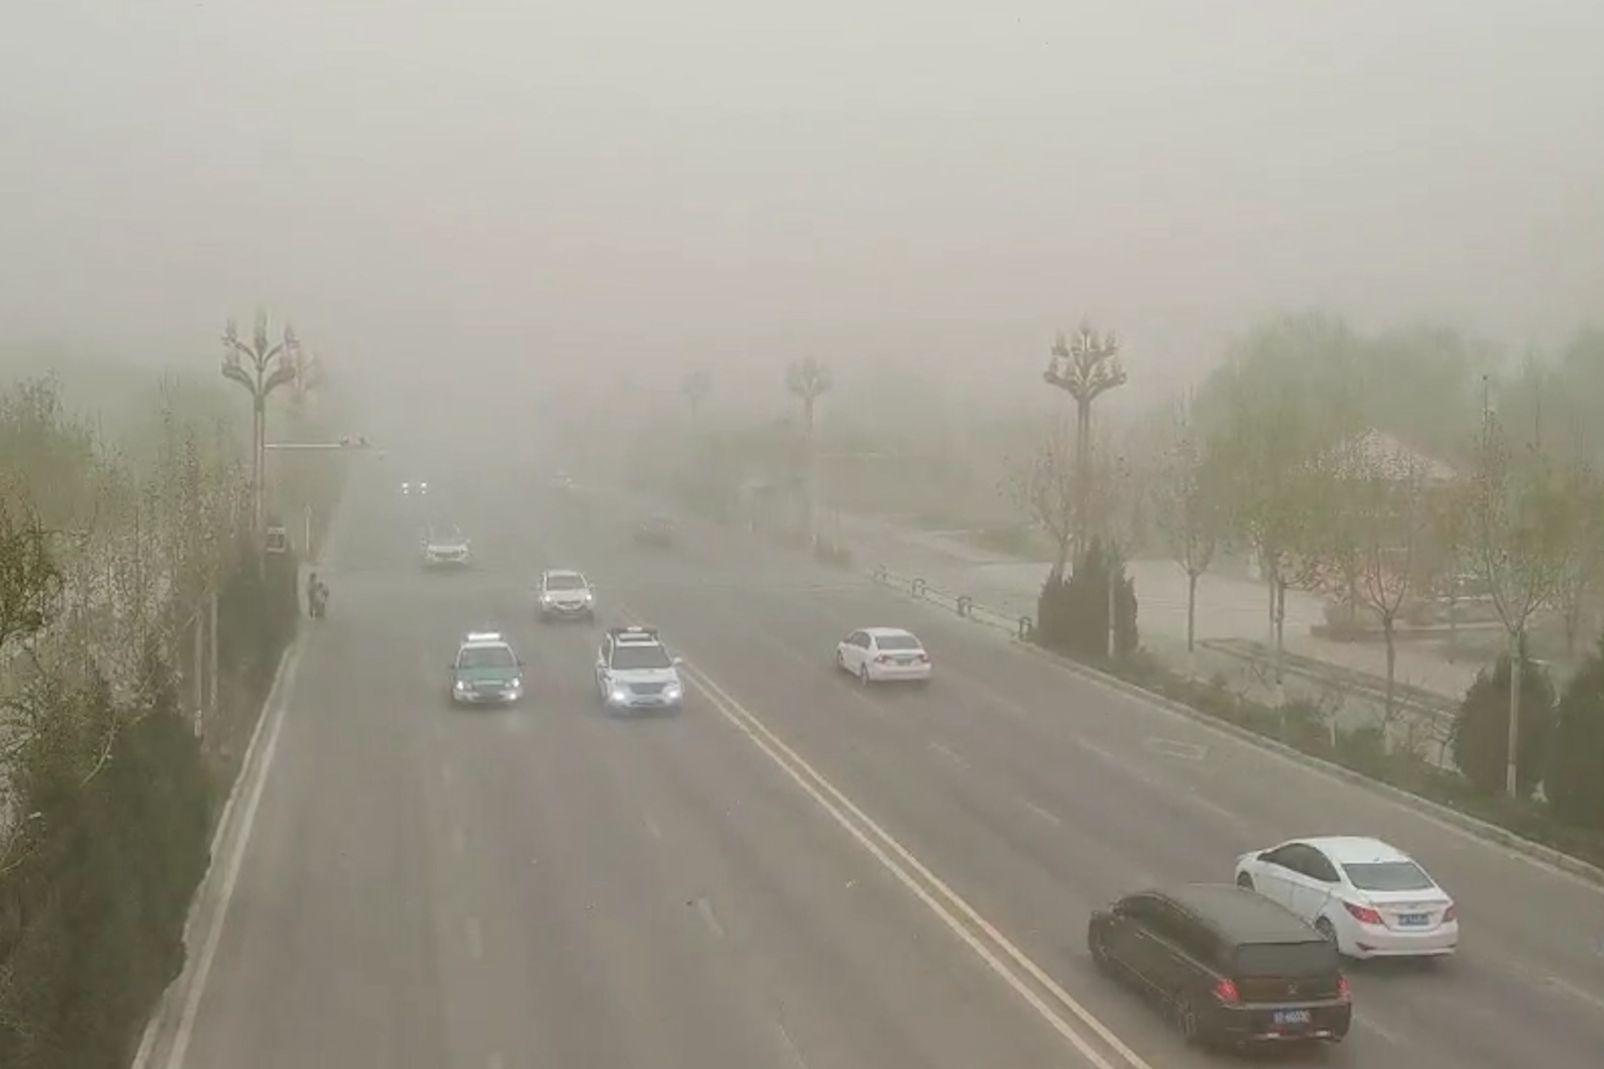 新疆多地遭遇沙尘暴 局地能见度不足500米